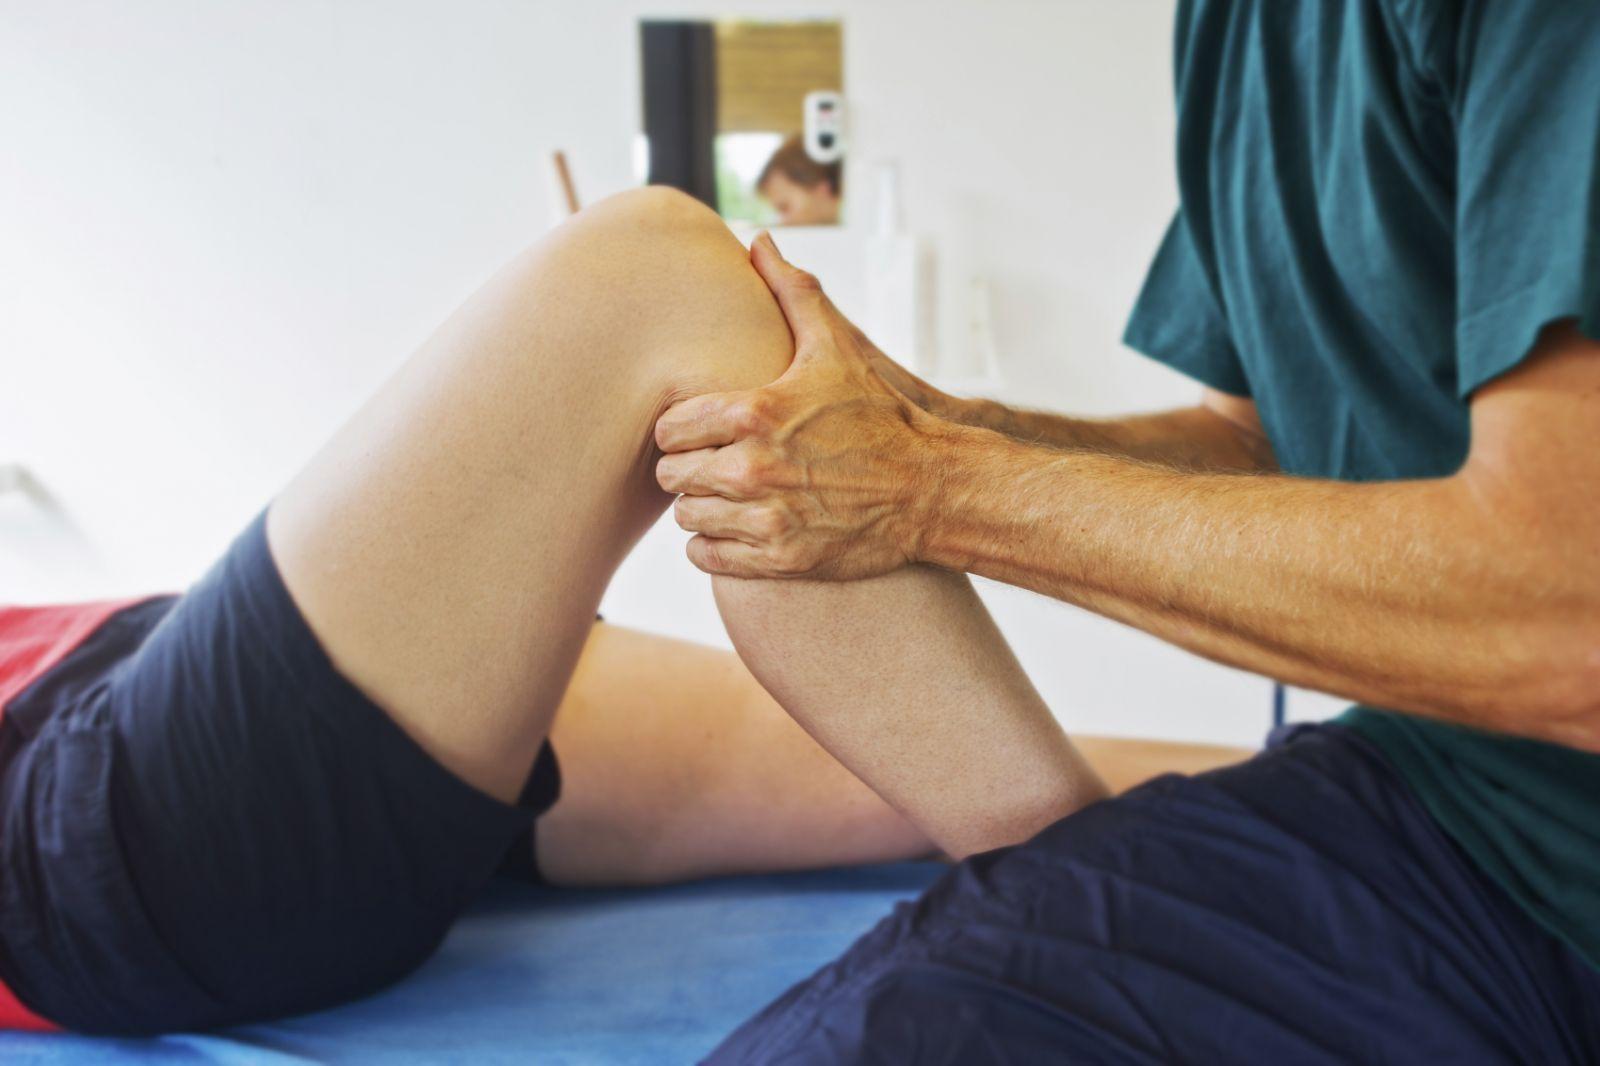 Vật lý trị liệu kết hợp các bài tập phù hợp tốt cho người bệnh viêm sụn khớp gối